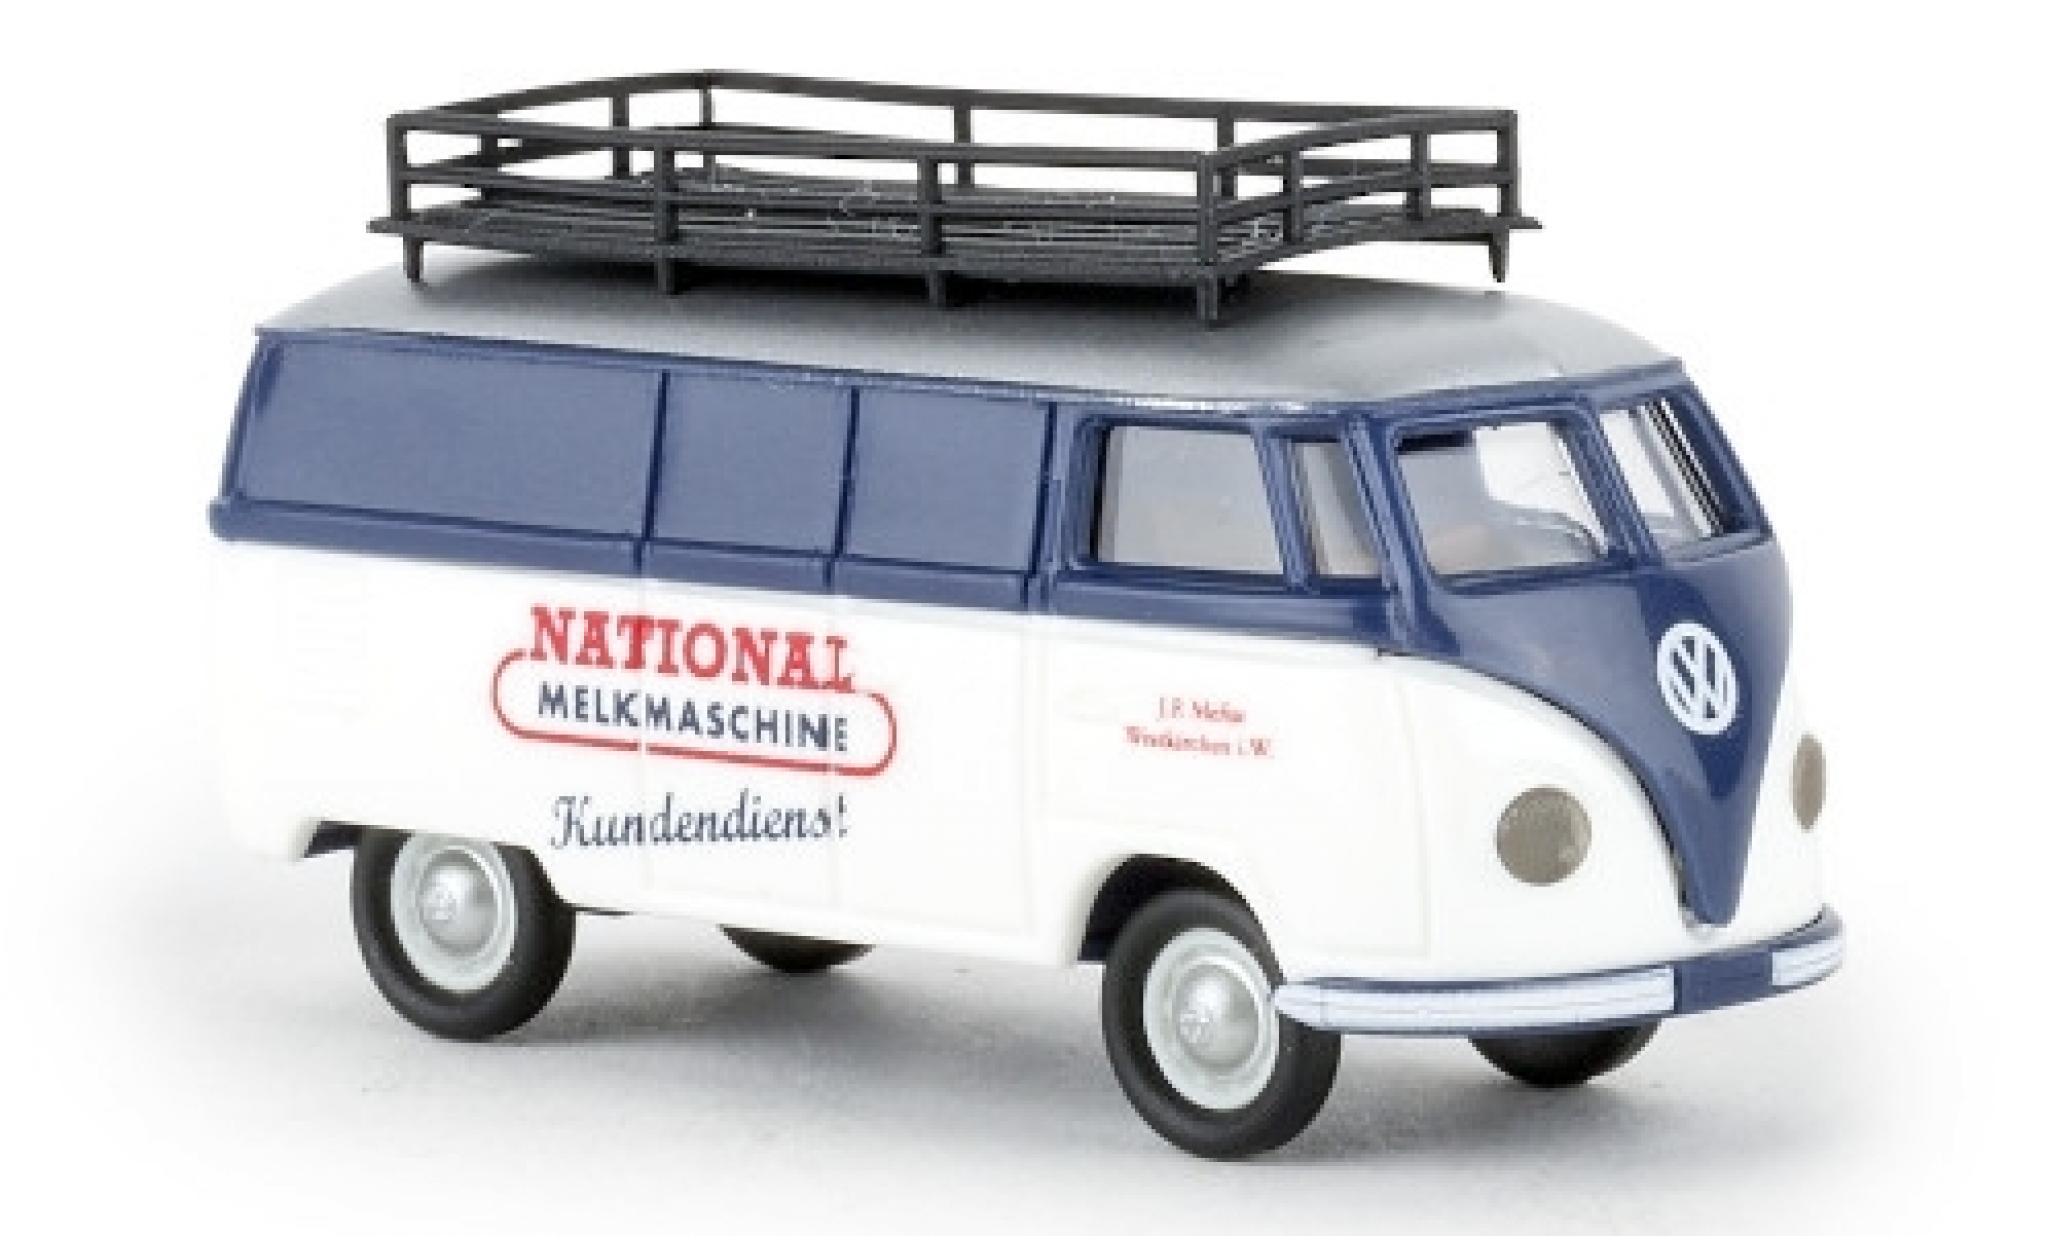 Volkswagen T1 1/87 Brekina a Kasten National Melkmaschine 1951